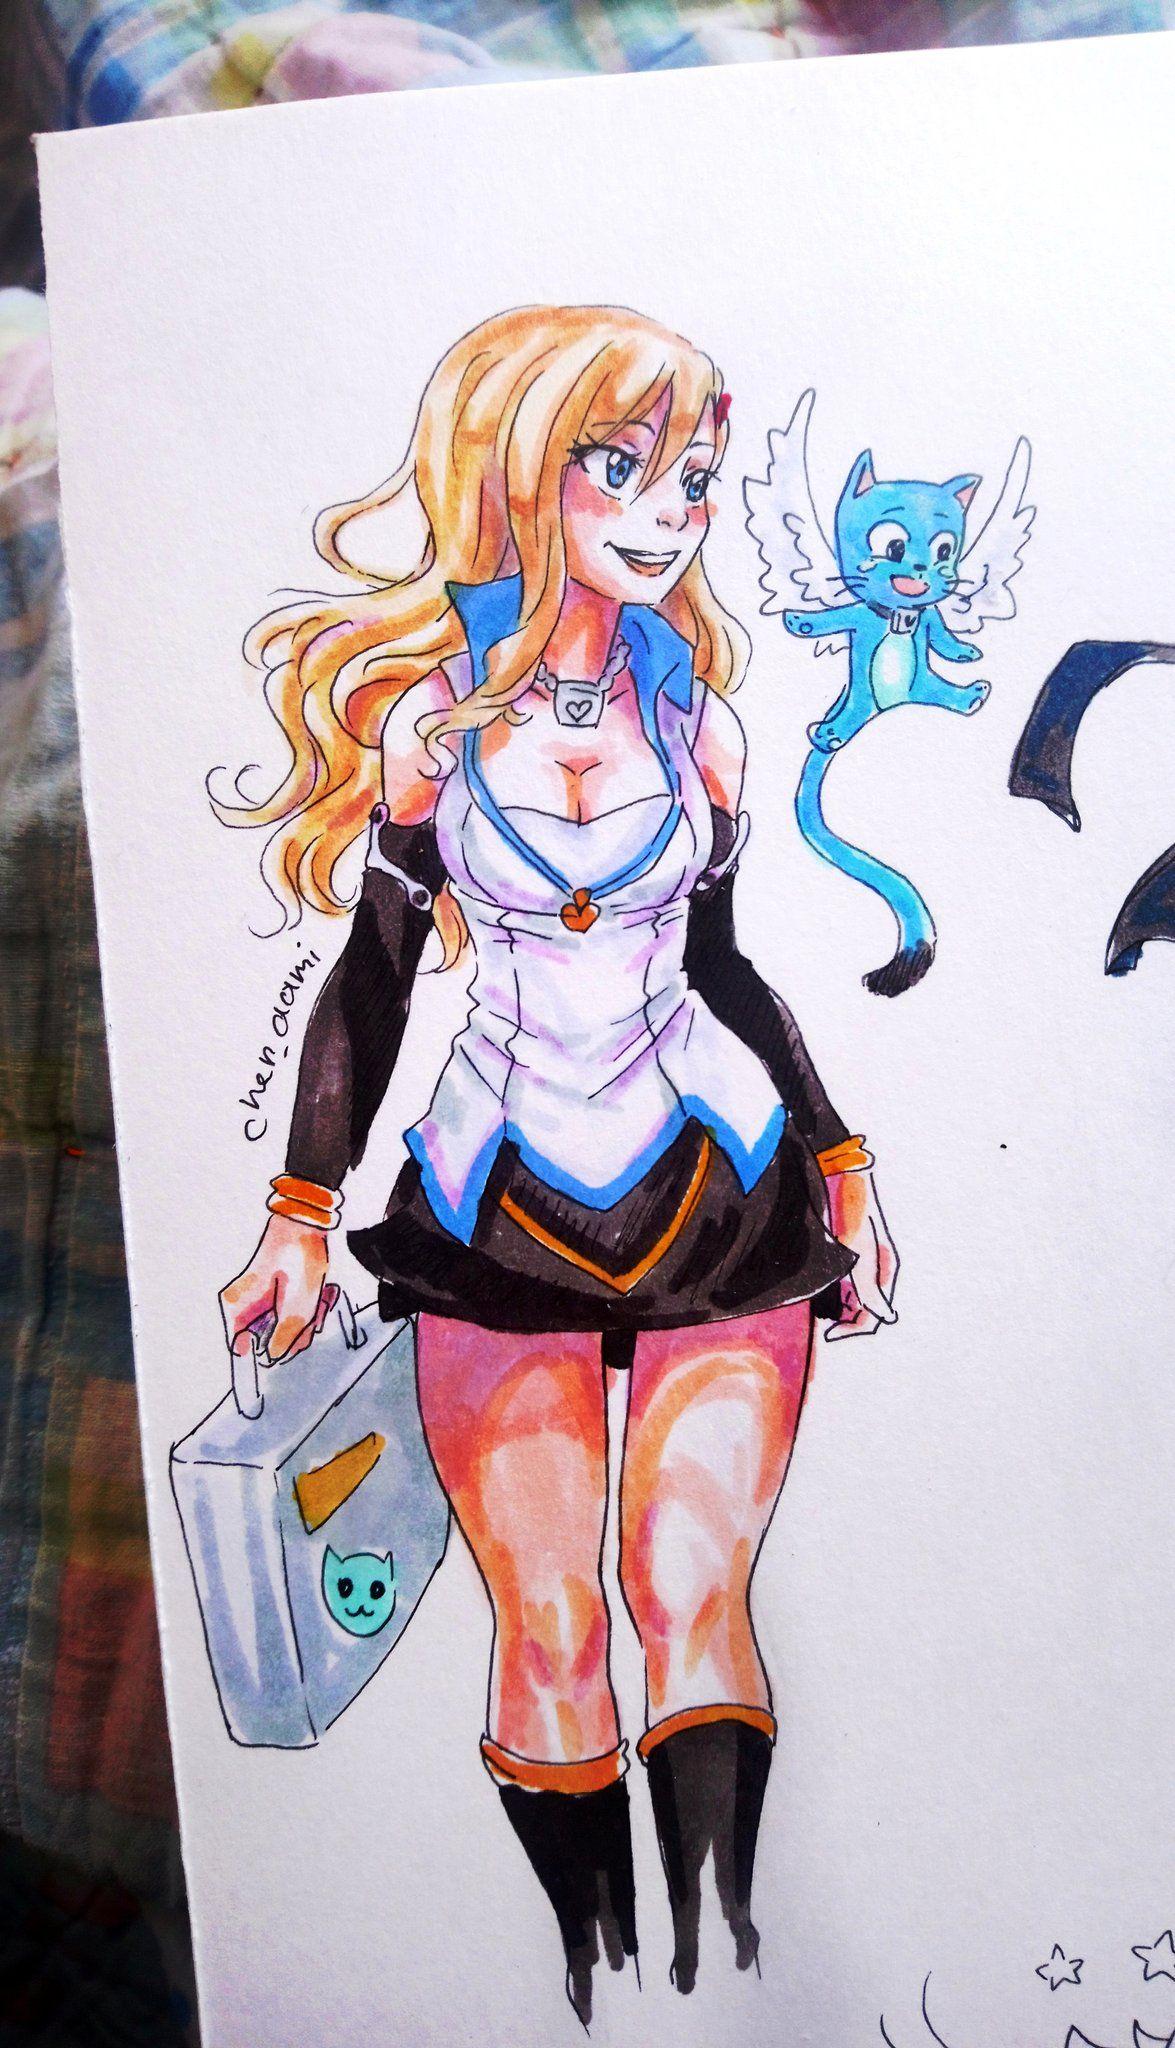 аппетитный жмурик on Edens zero, Fairy tail anime, Fairy